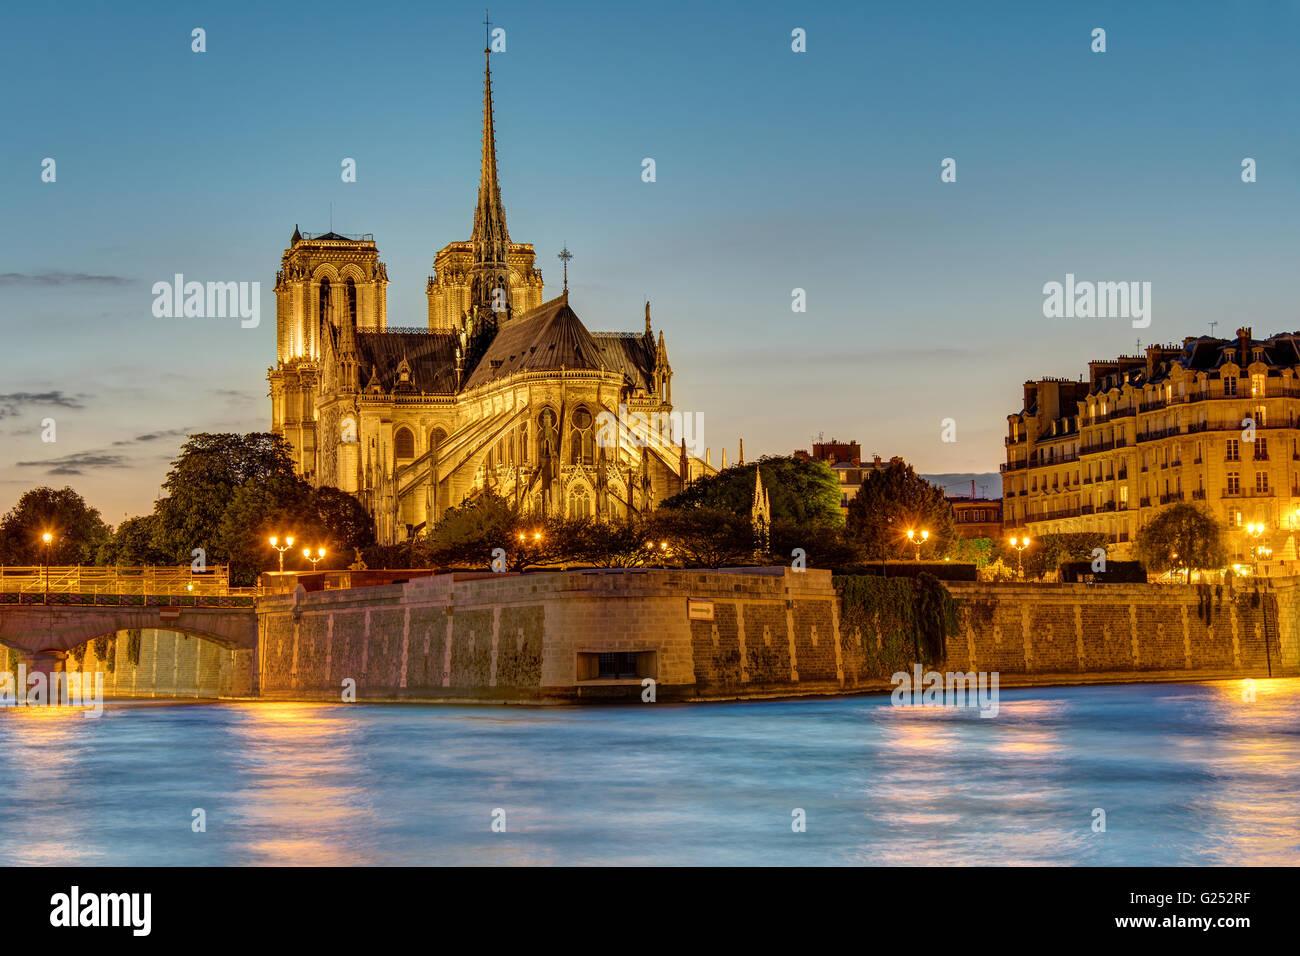 Die berühmte Kathedrale Notre Dame in Paris in der Morgendämmerung Stockbild